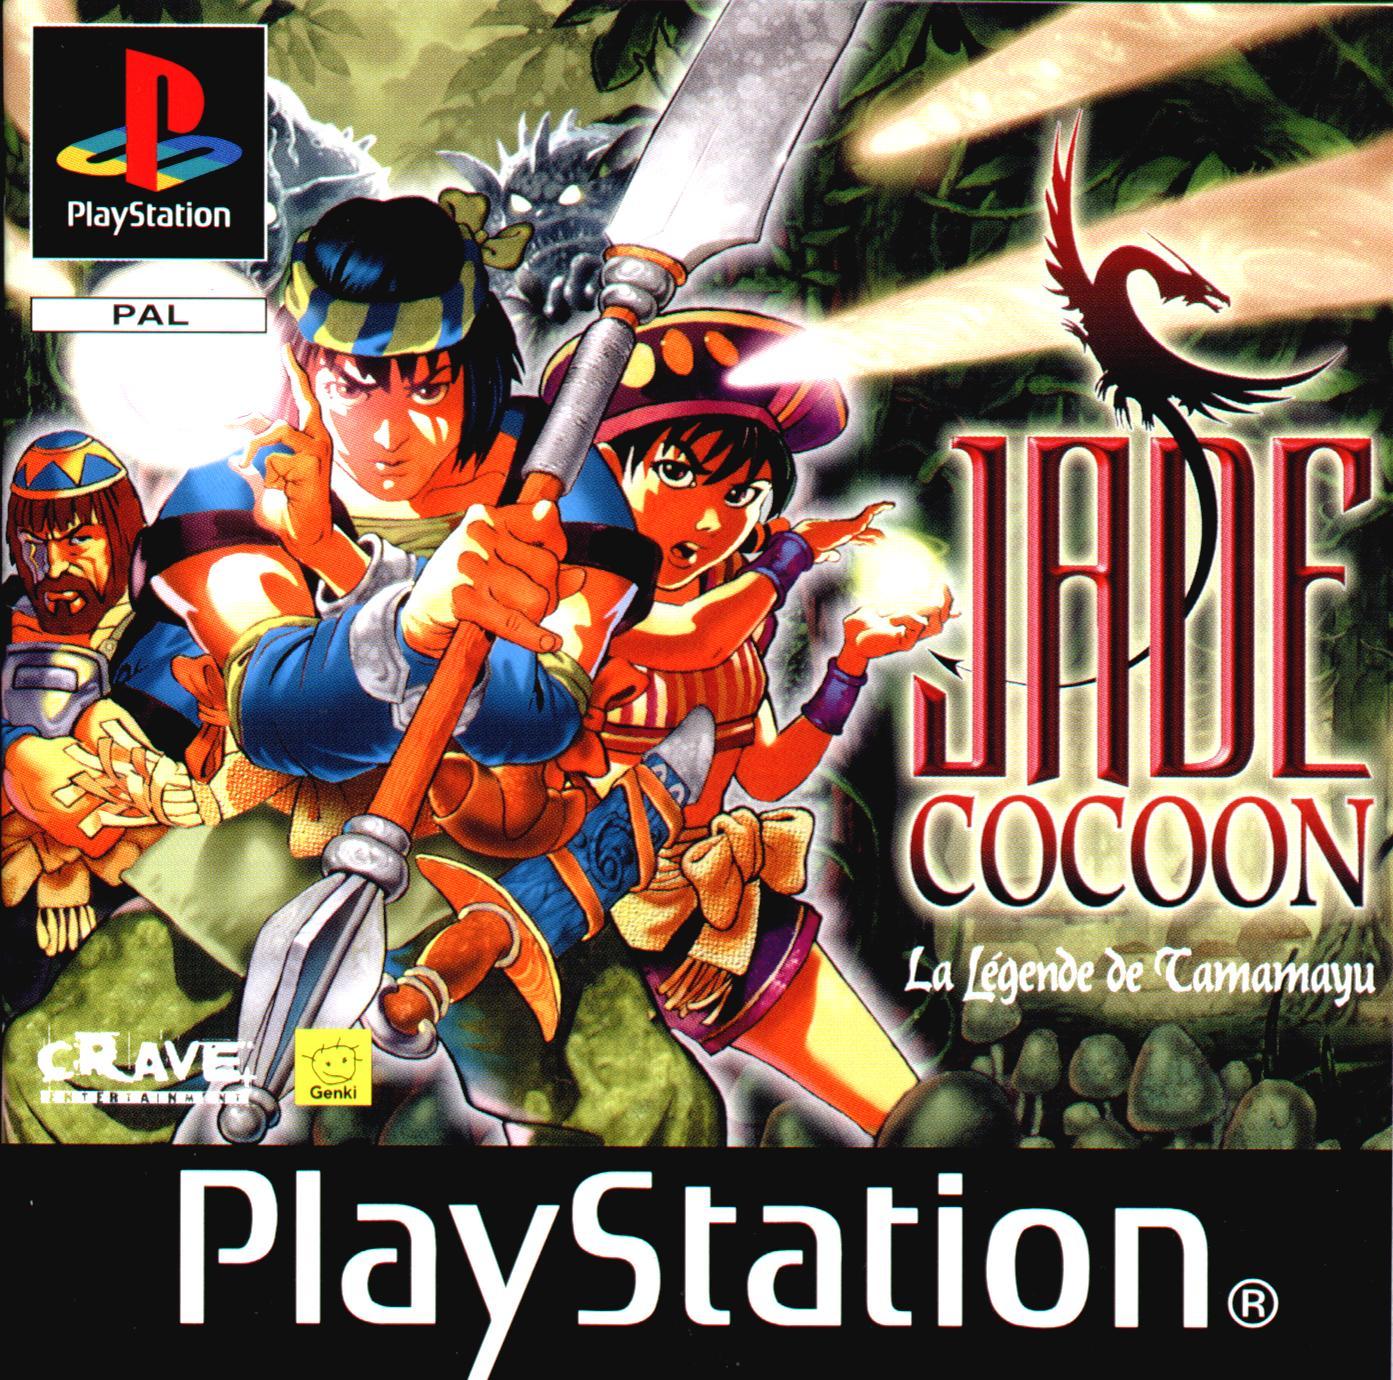 Los mejores RPG  Jade+Coccon